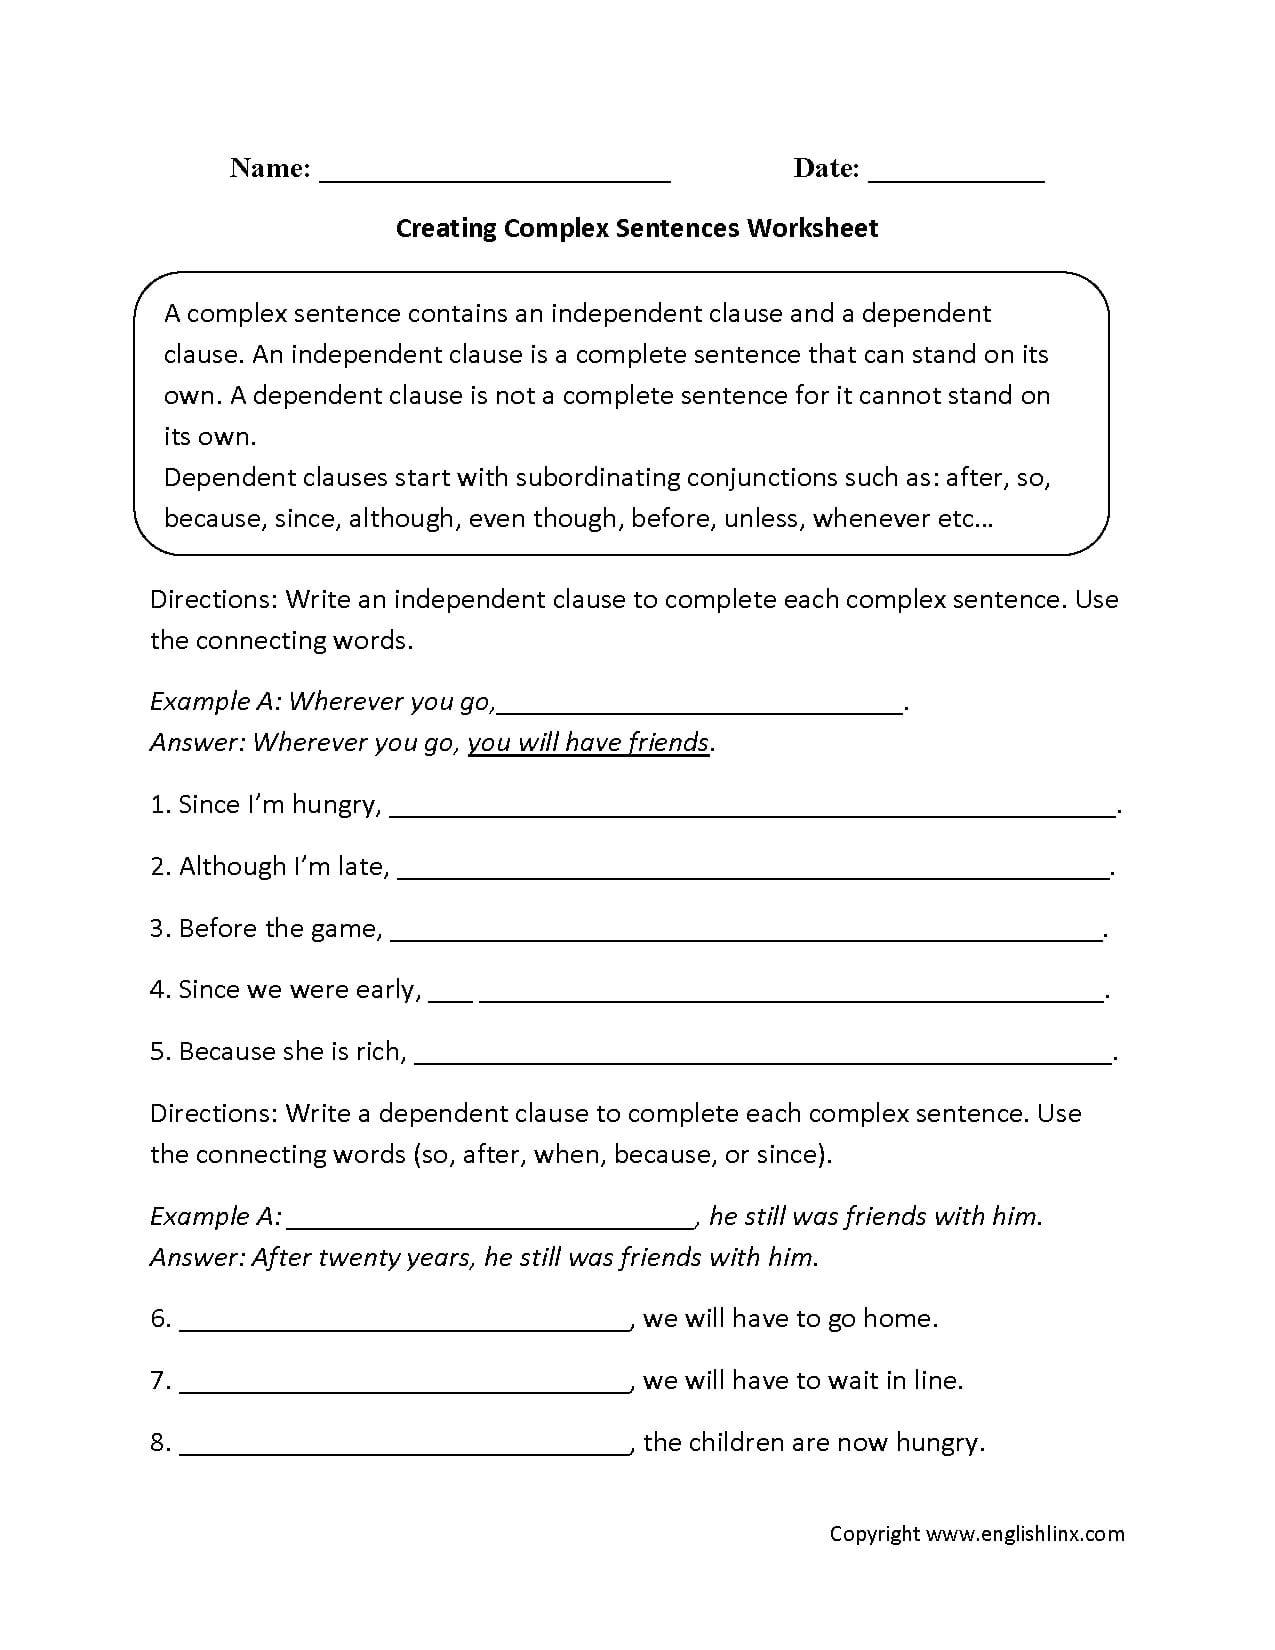 Sentences Worksheets  Complex Sentences Worksheets Together With Compound And Complex Sentences Worksheet